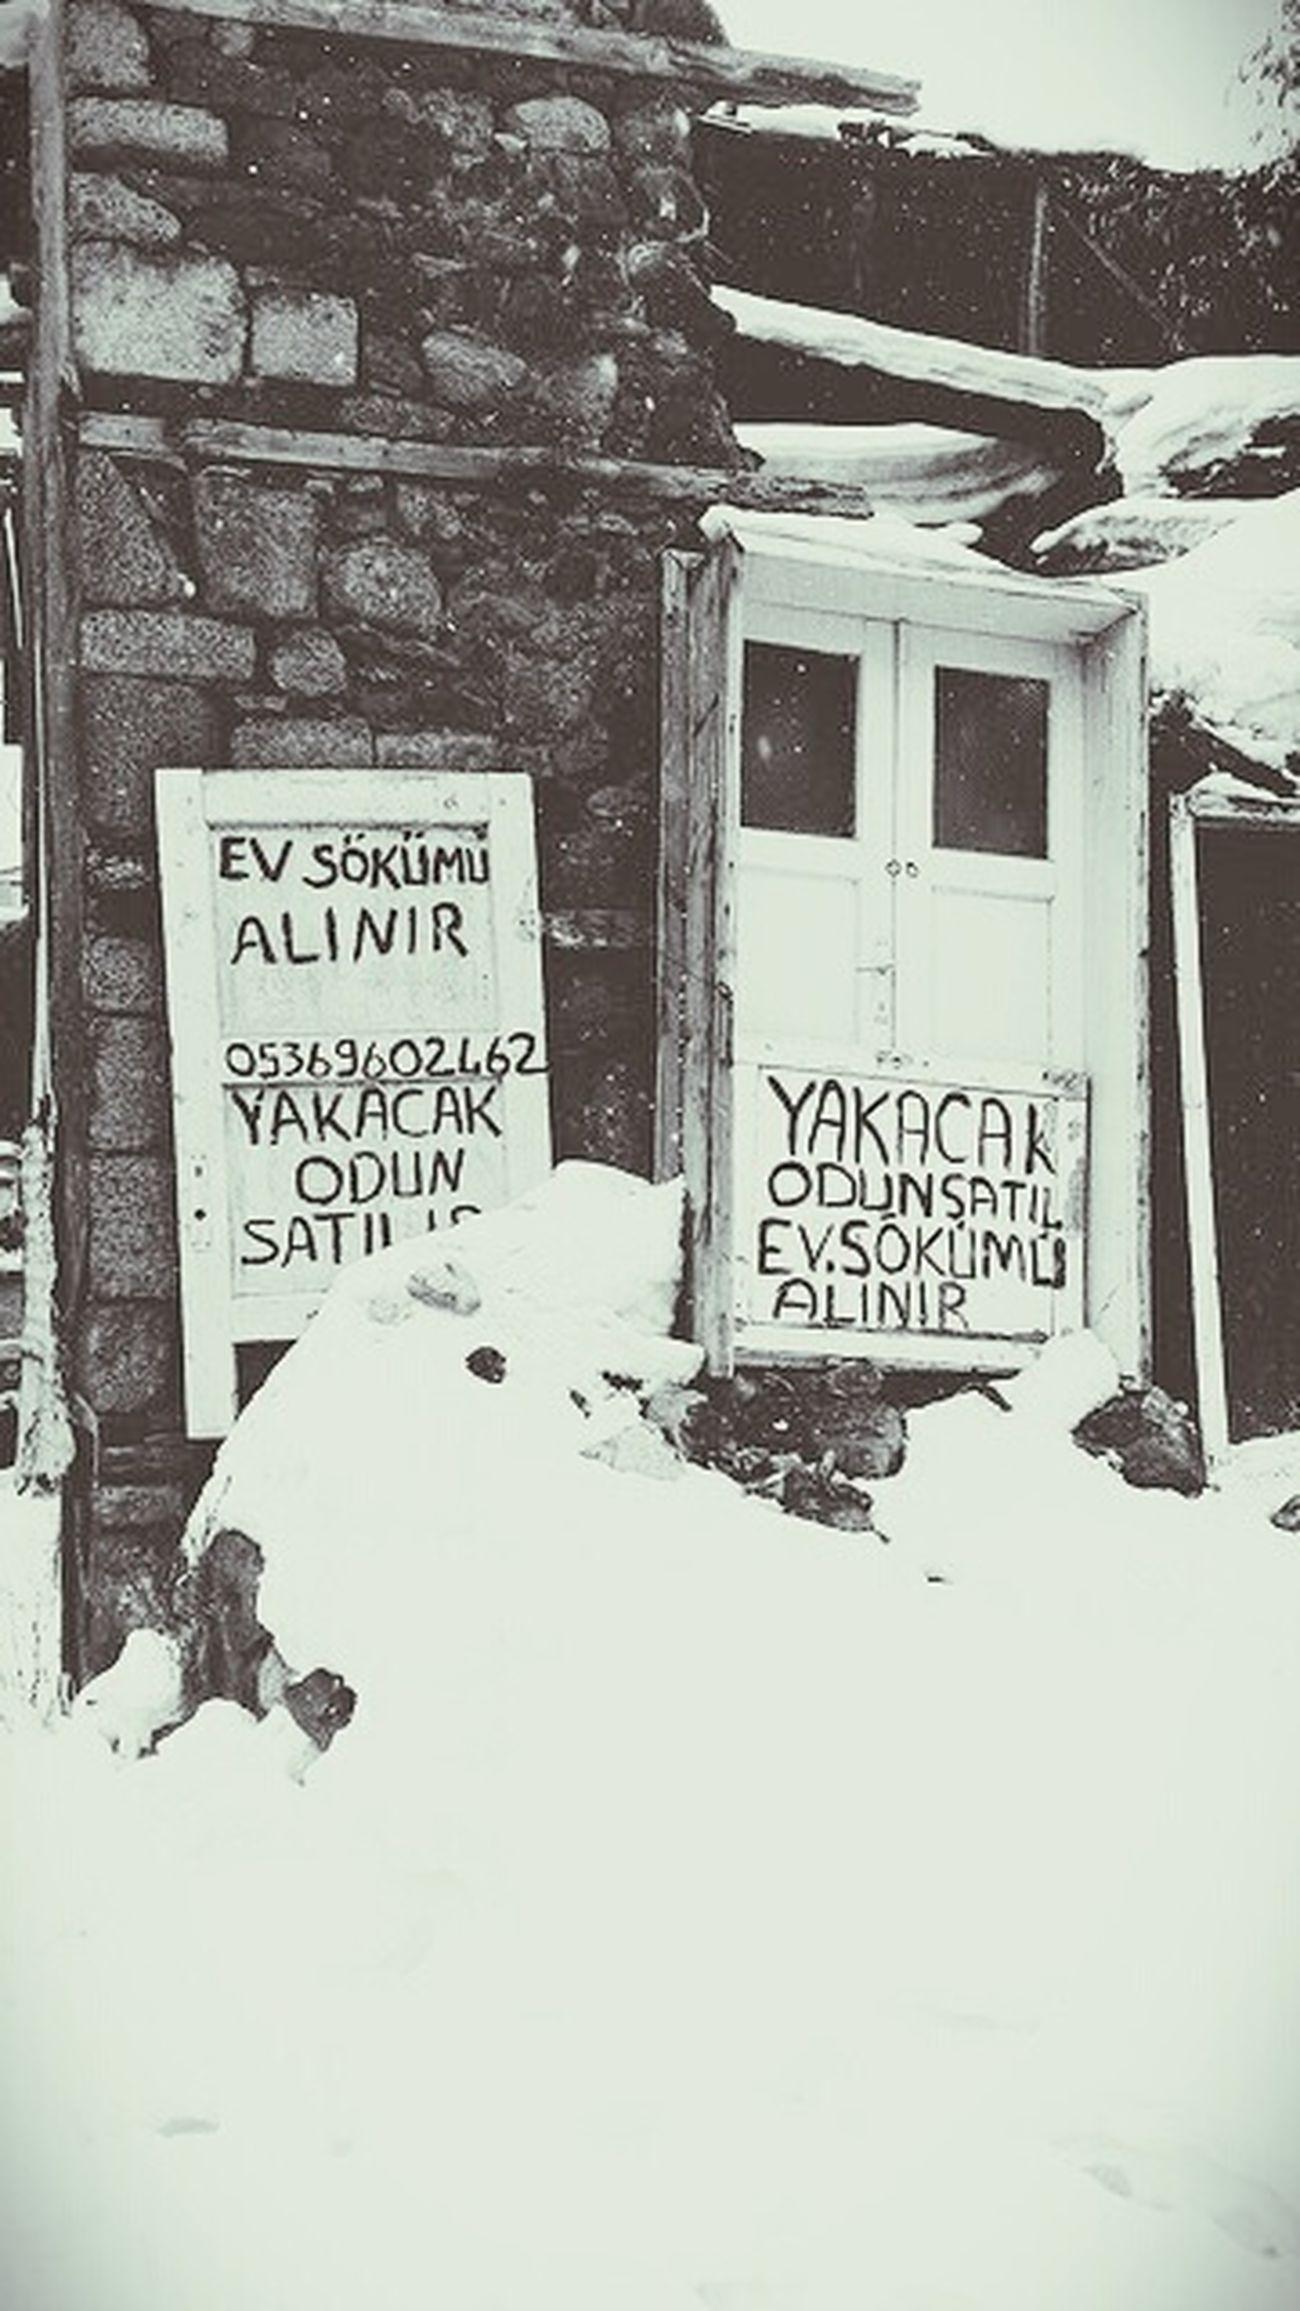 ev sökümü nedir bilmem ama alınır Erzurum Kar Eski Kapı Duvarilanı Evsökümü Kışlık Odun